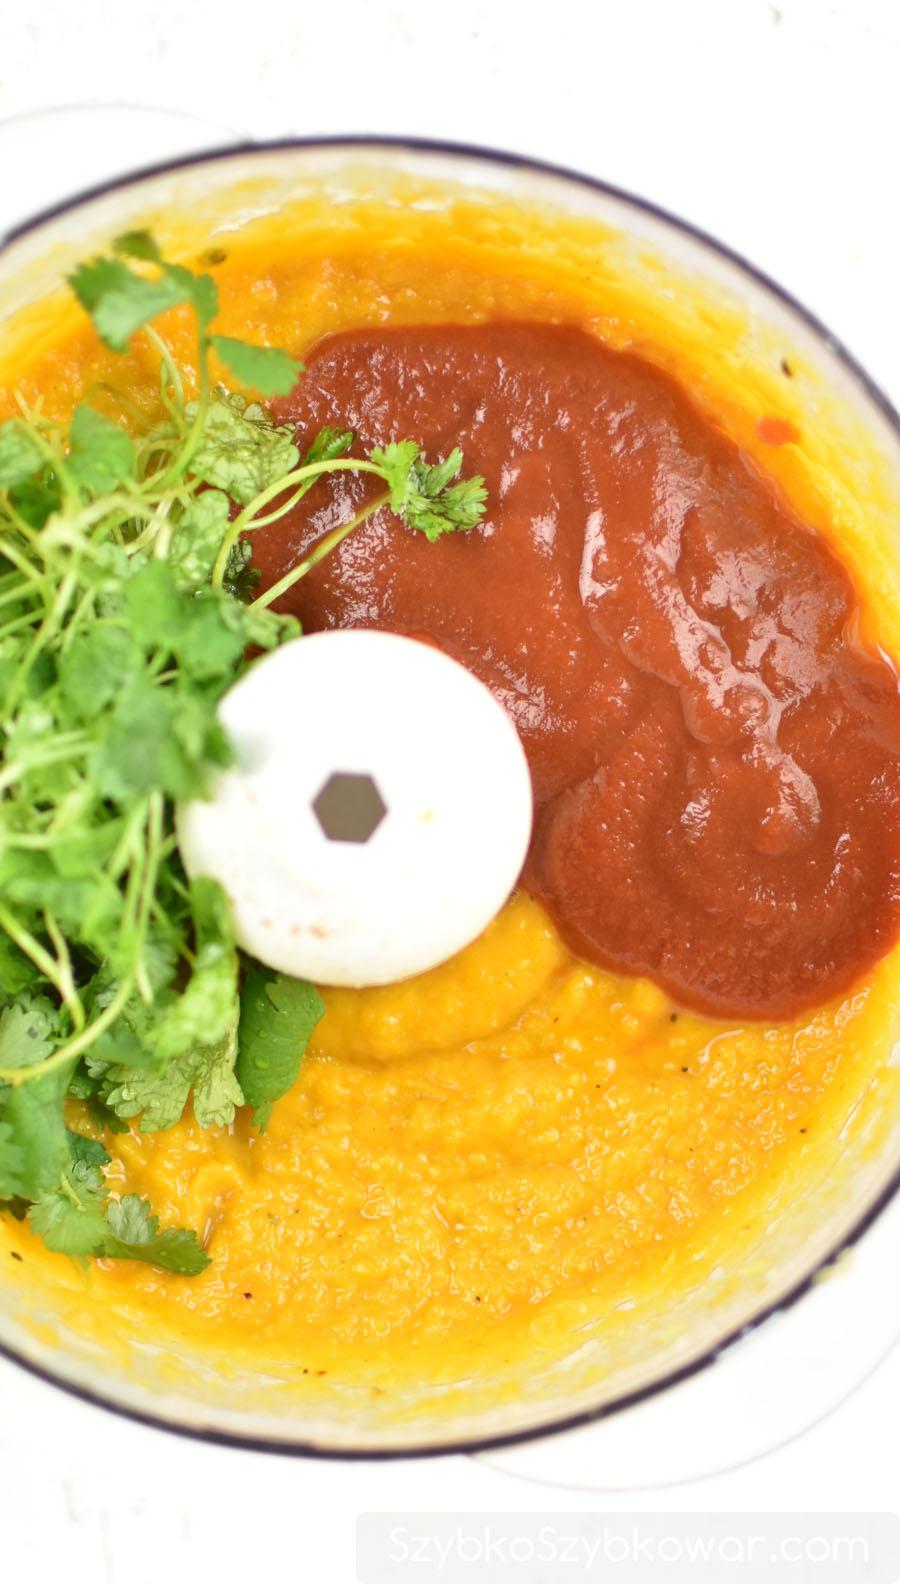 Na koniec dorzucam pomidory i zioło, doprawiam do smaku.